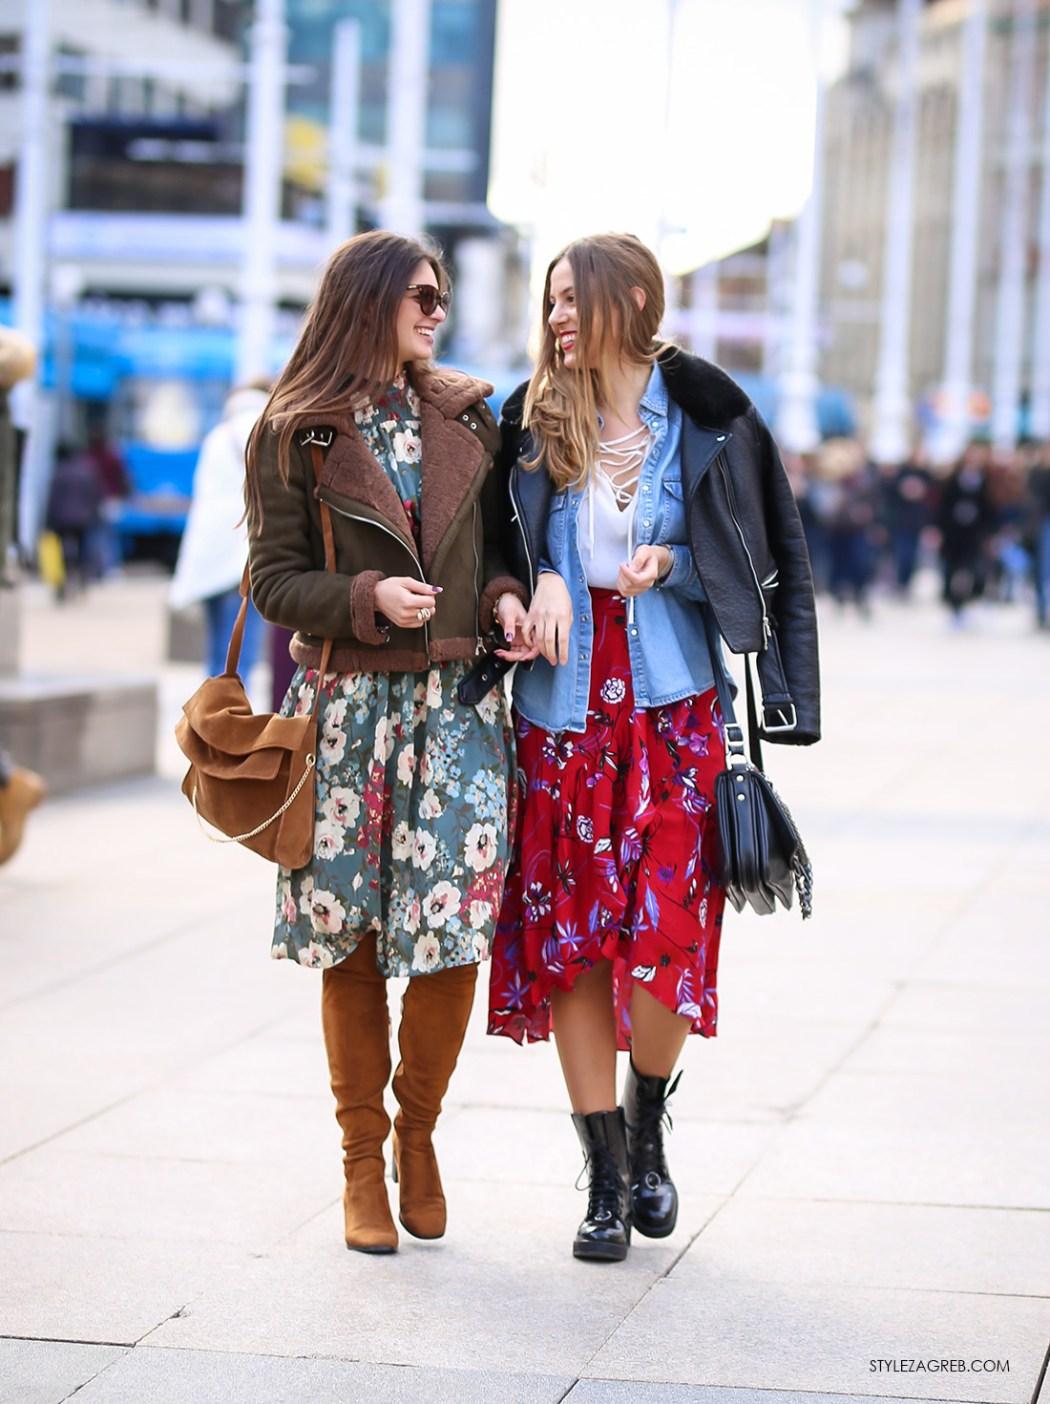 Dvije prijateljice koje su nas oduševile stilom, ali i stavom